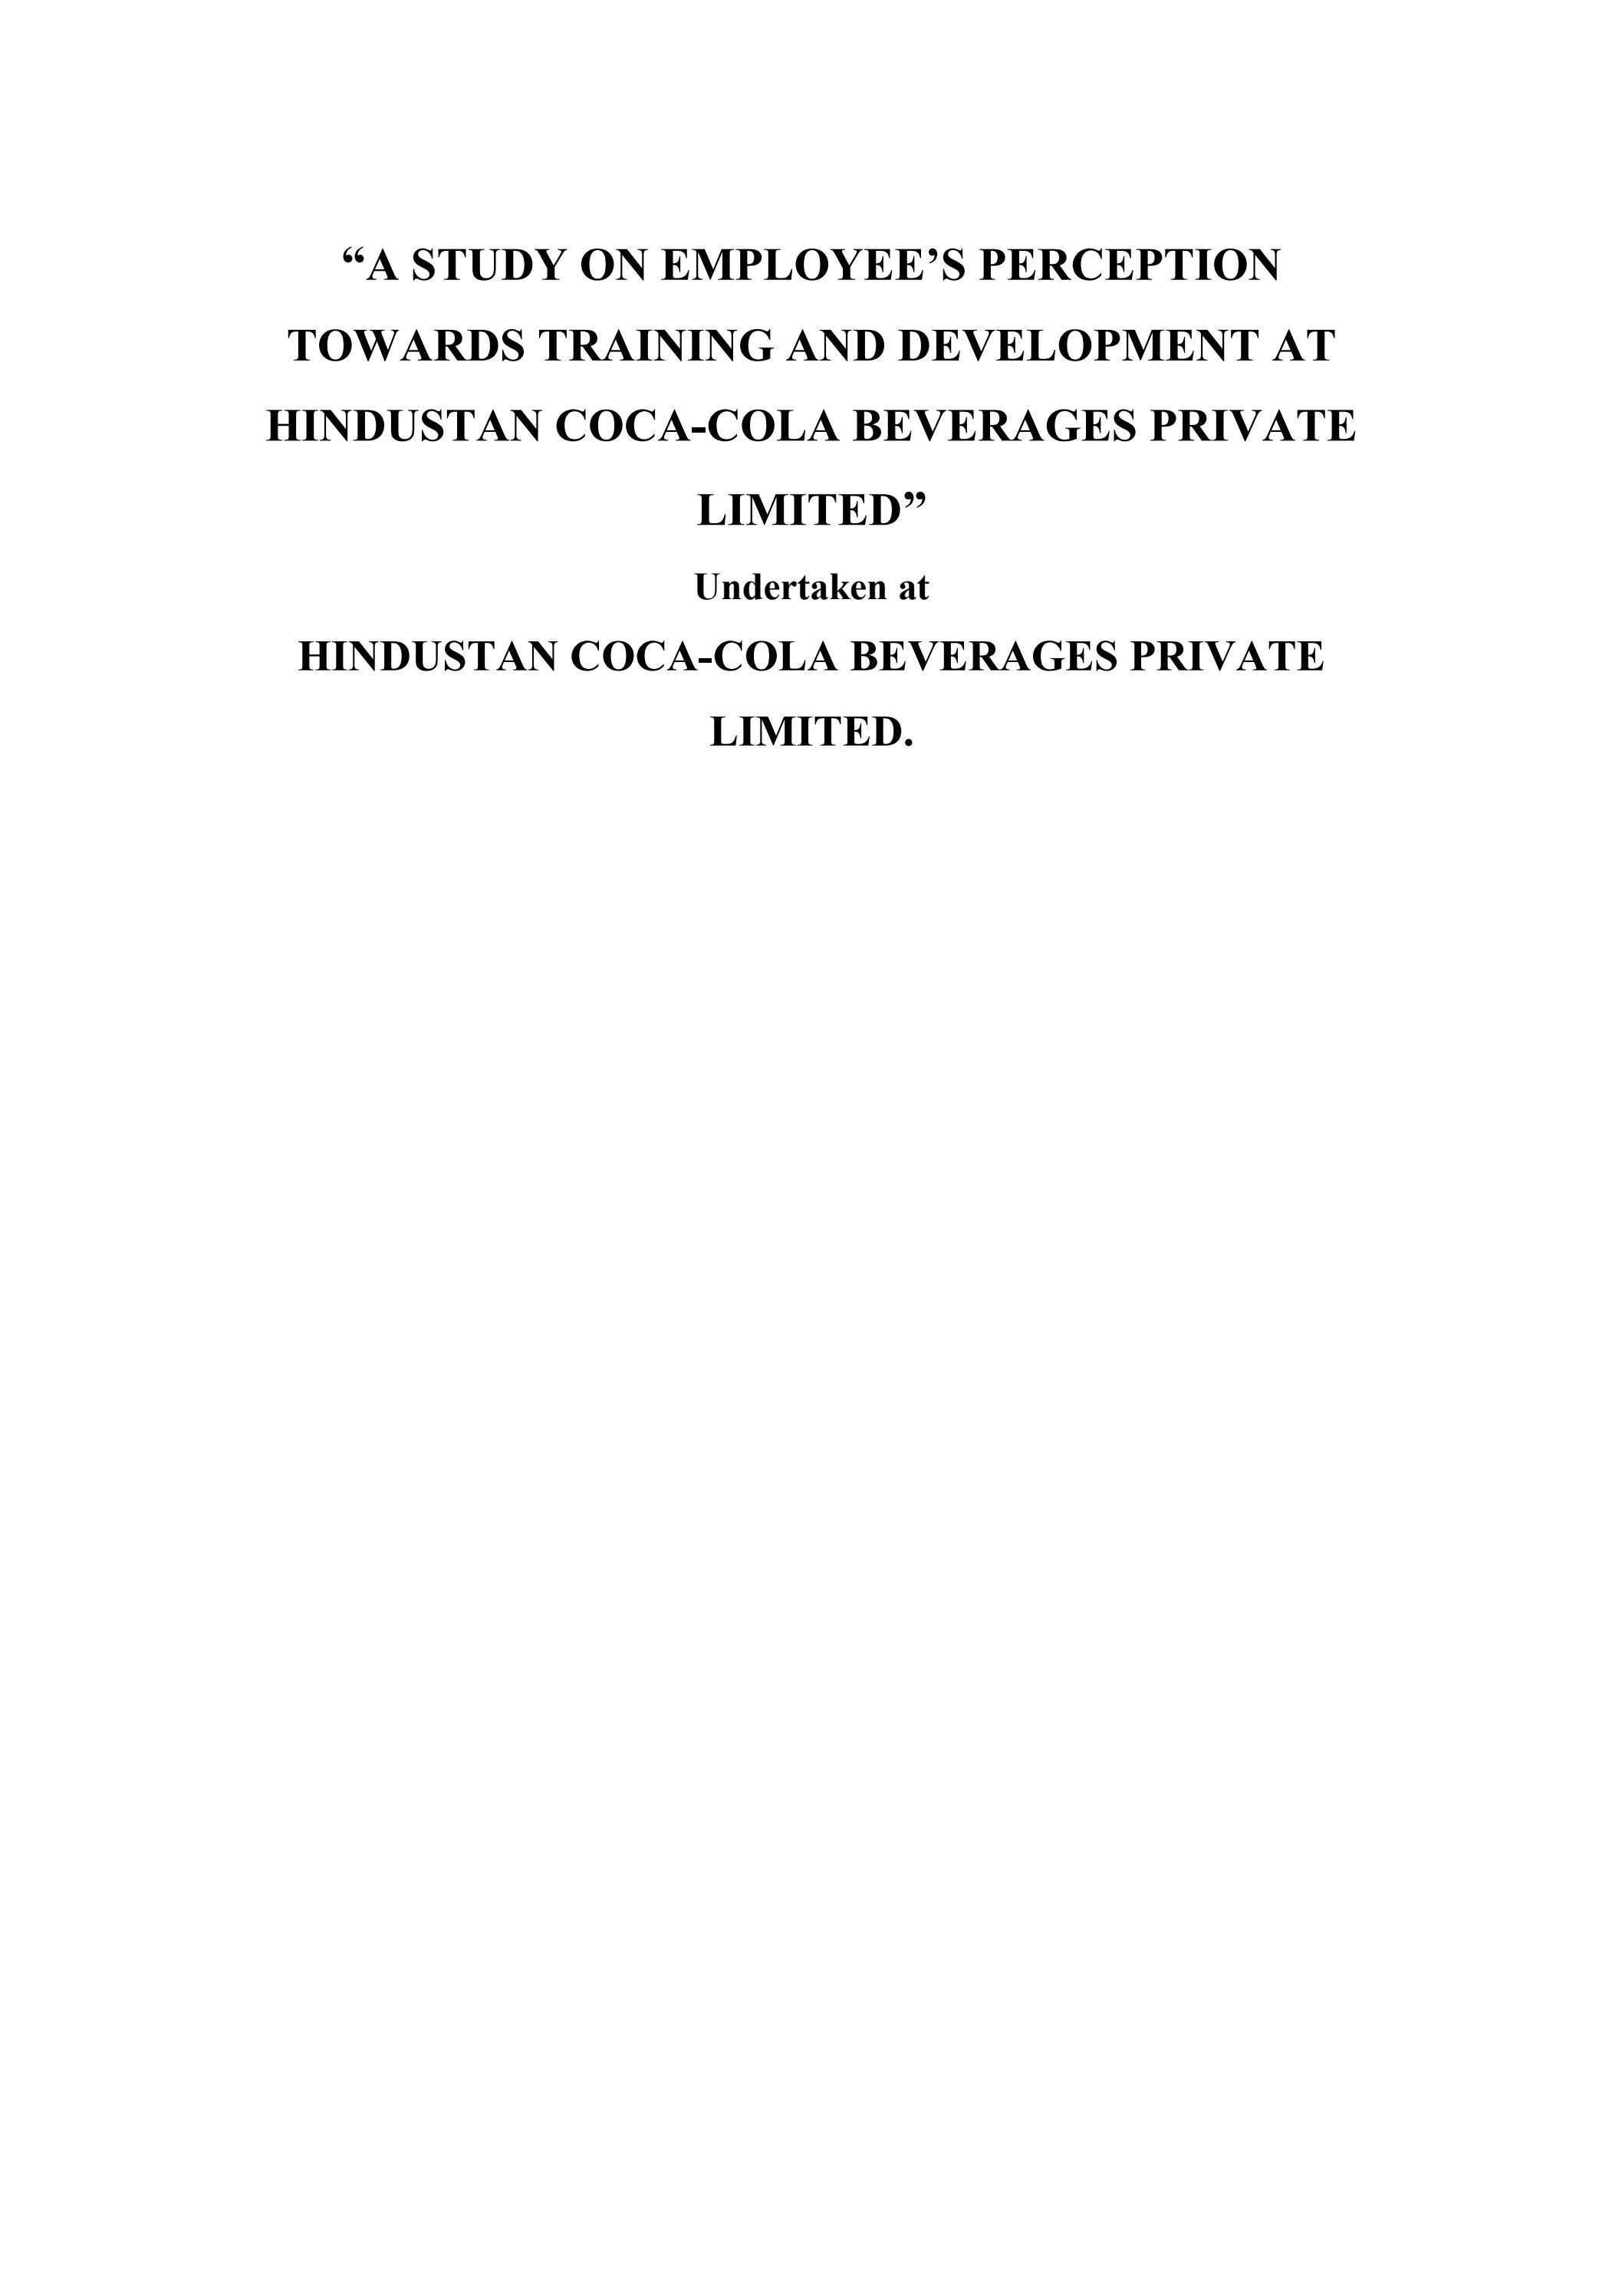 ANALISIS Y RESULTADOS DEL FOCUS GROUP by Maritza Quinte - issuu